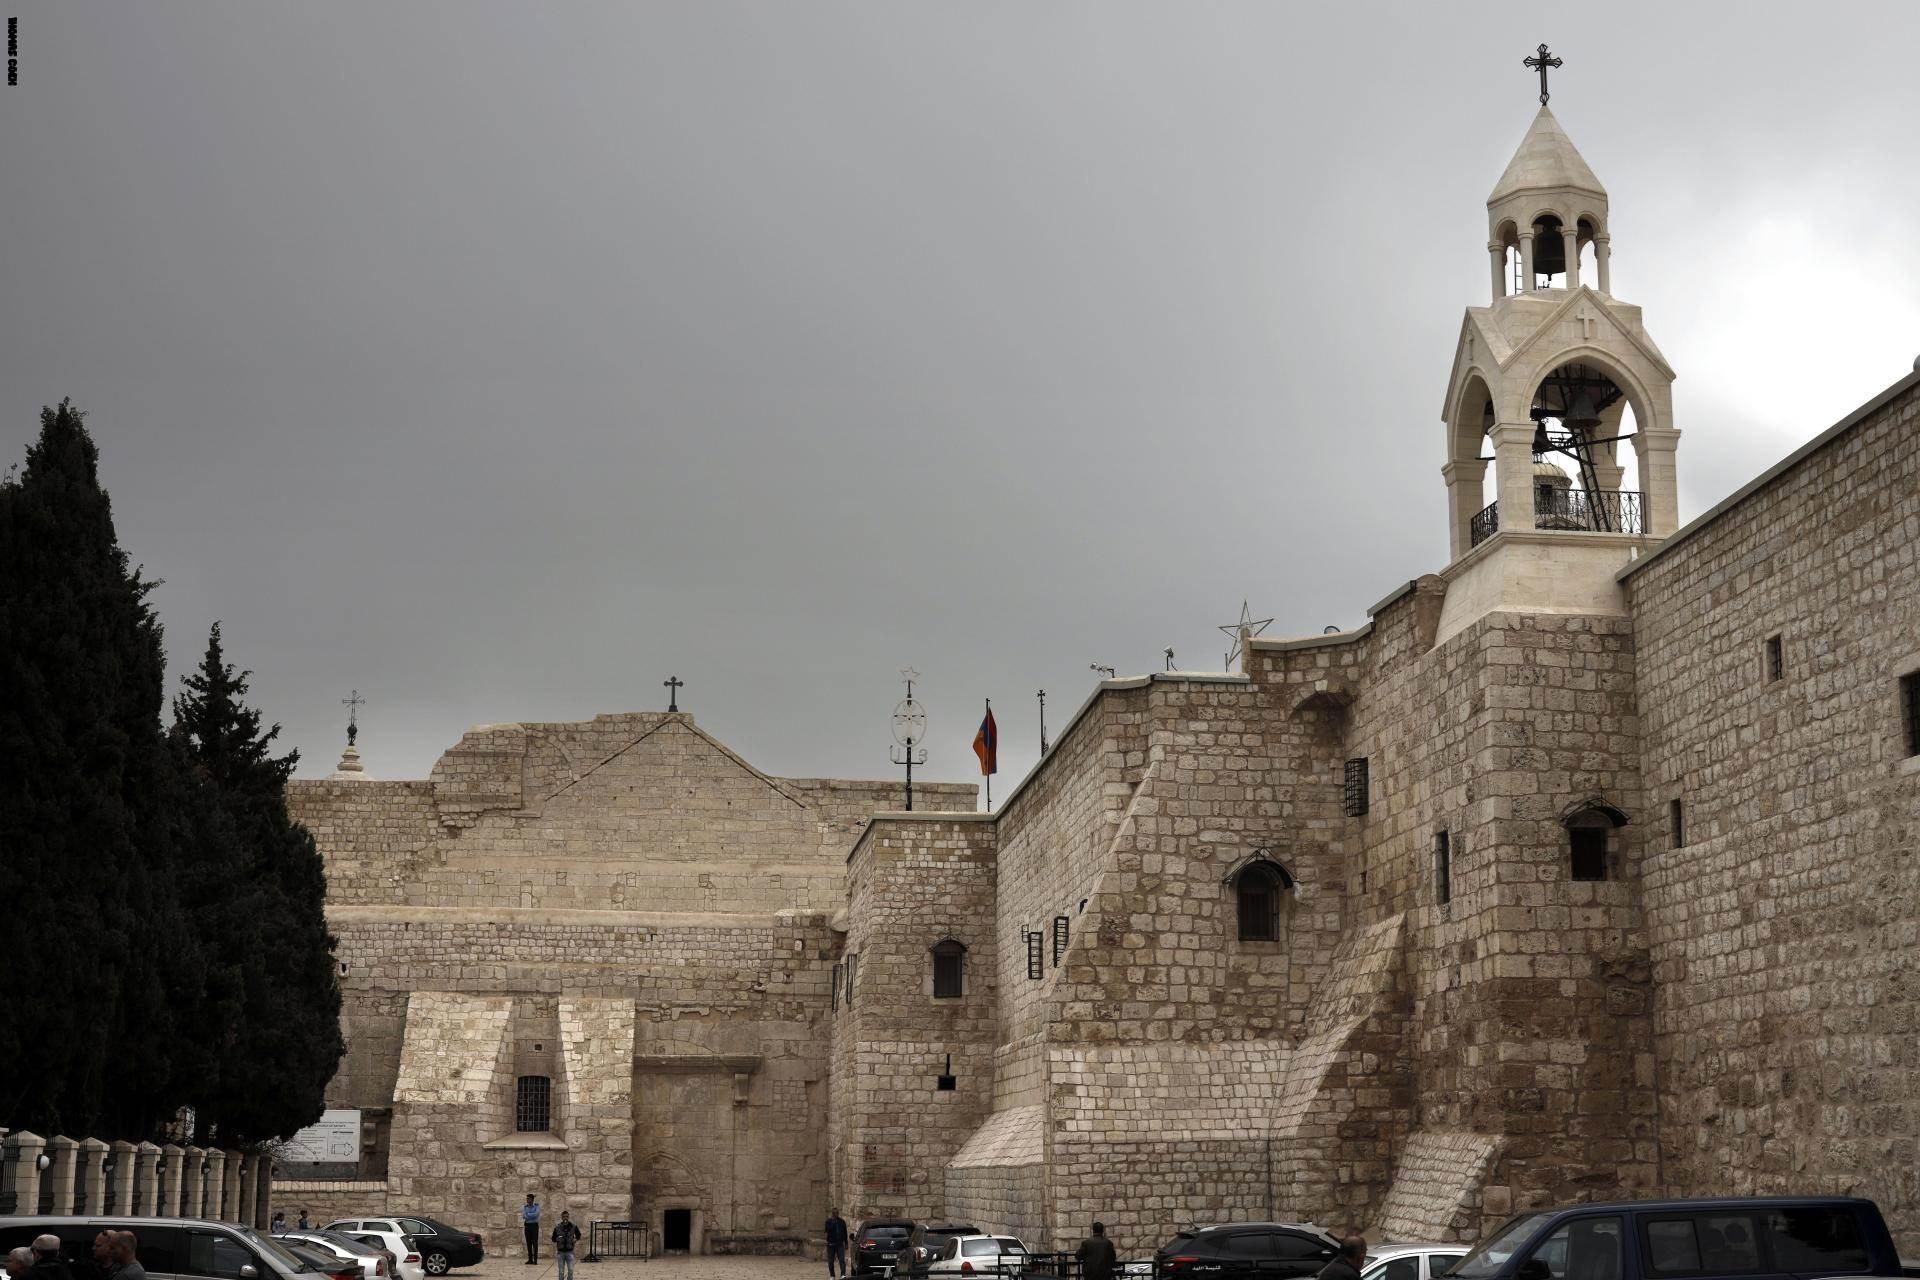 كنيسة المهد تفتح أبوابها من جديد بعد شهرين من الإغلاق